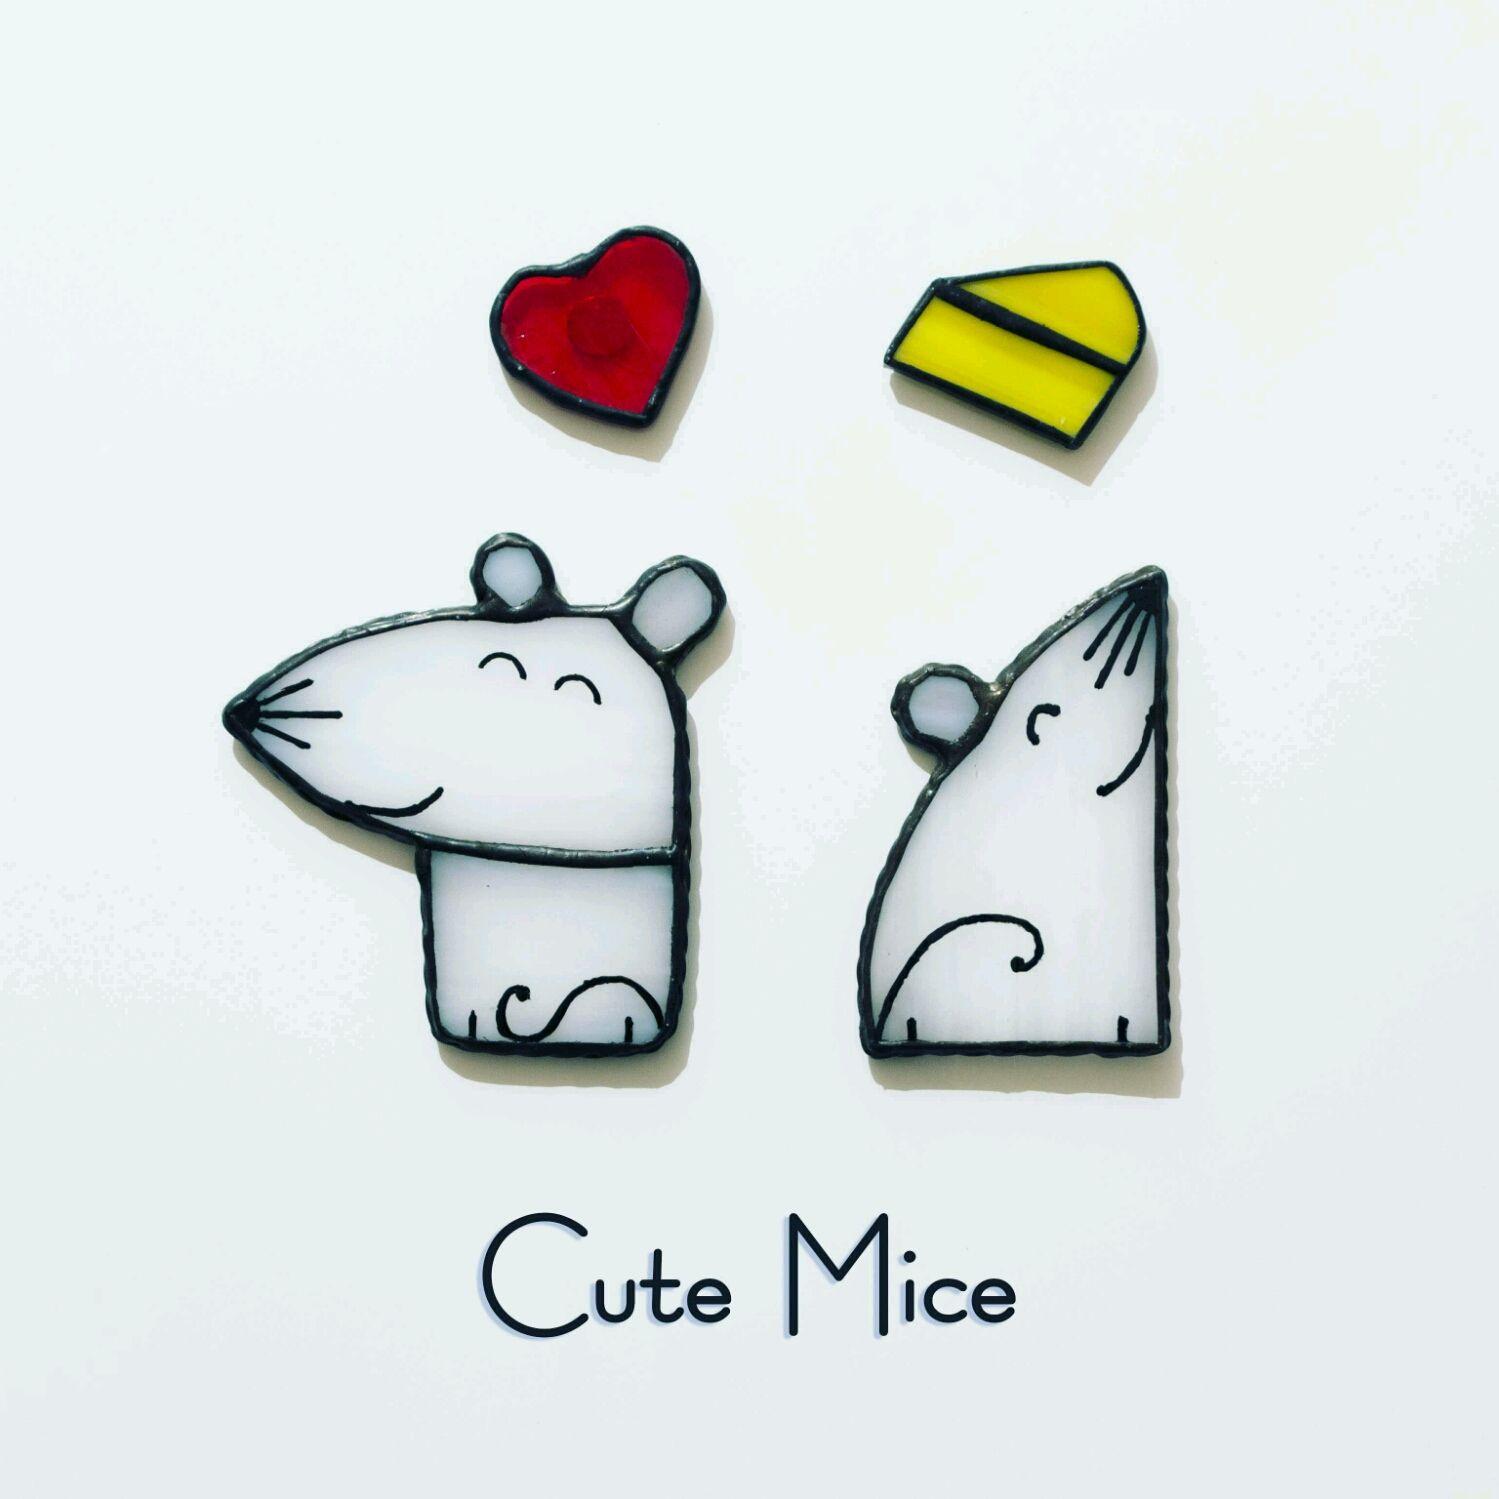 Магниты на холодильник из стекла Милые Мышата Cute Mice #053, Магниты, Новосибирск,  Фото №1